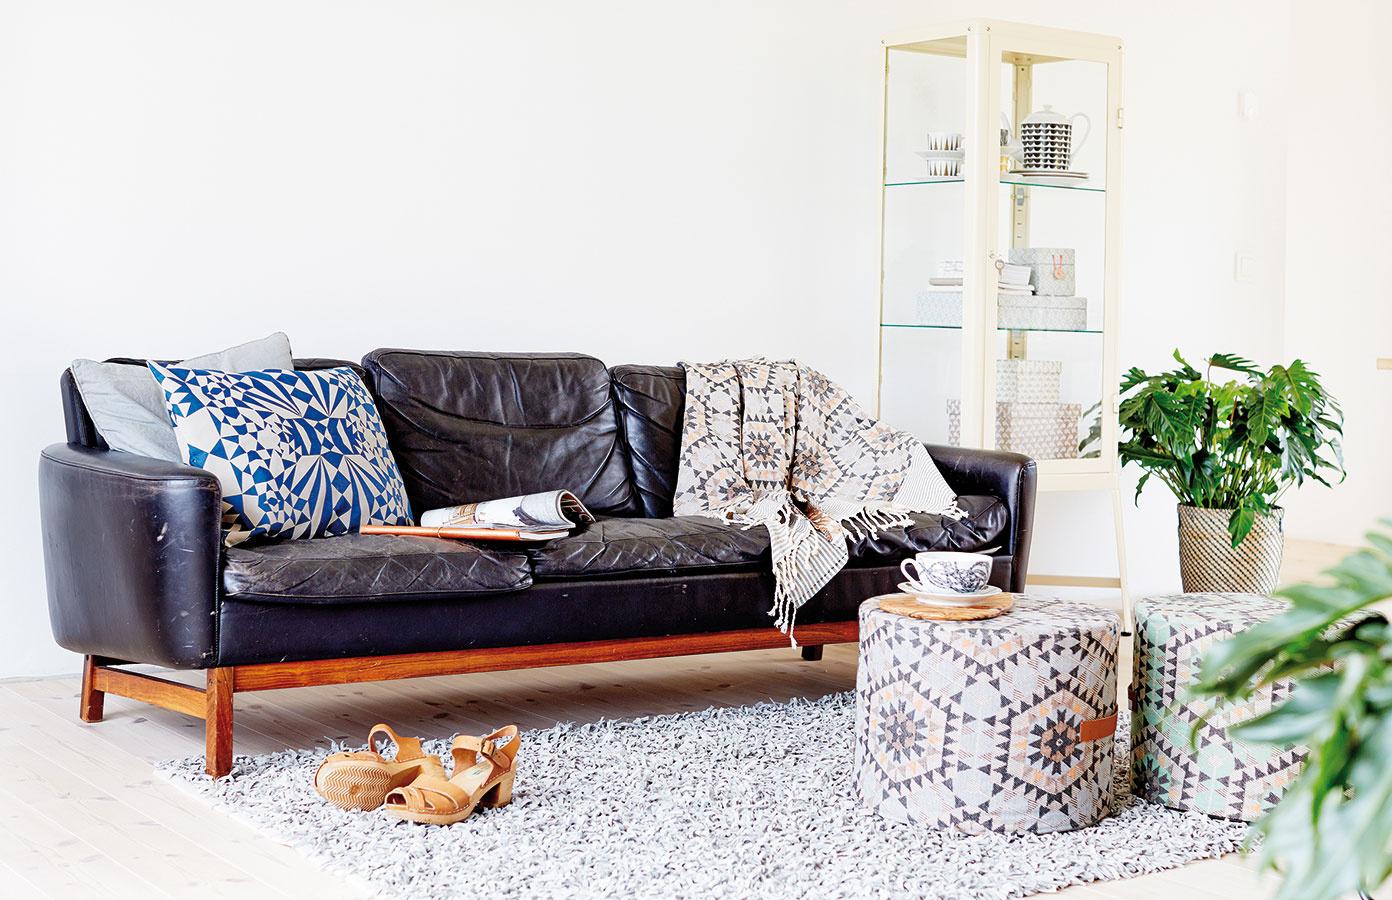 """Taburet v kombinácii s podnosom je voľbou tam, kde je cieľom útulný a hrejivý interiér. Výhodou takéhoto """"stolíka"""" sú aj pestrejšie farebné možnosti pri výbere textílií."""